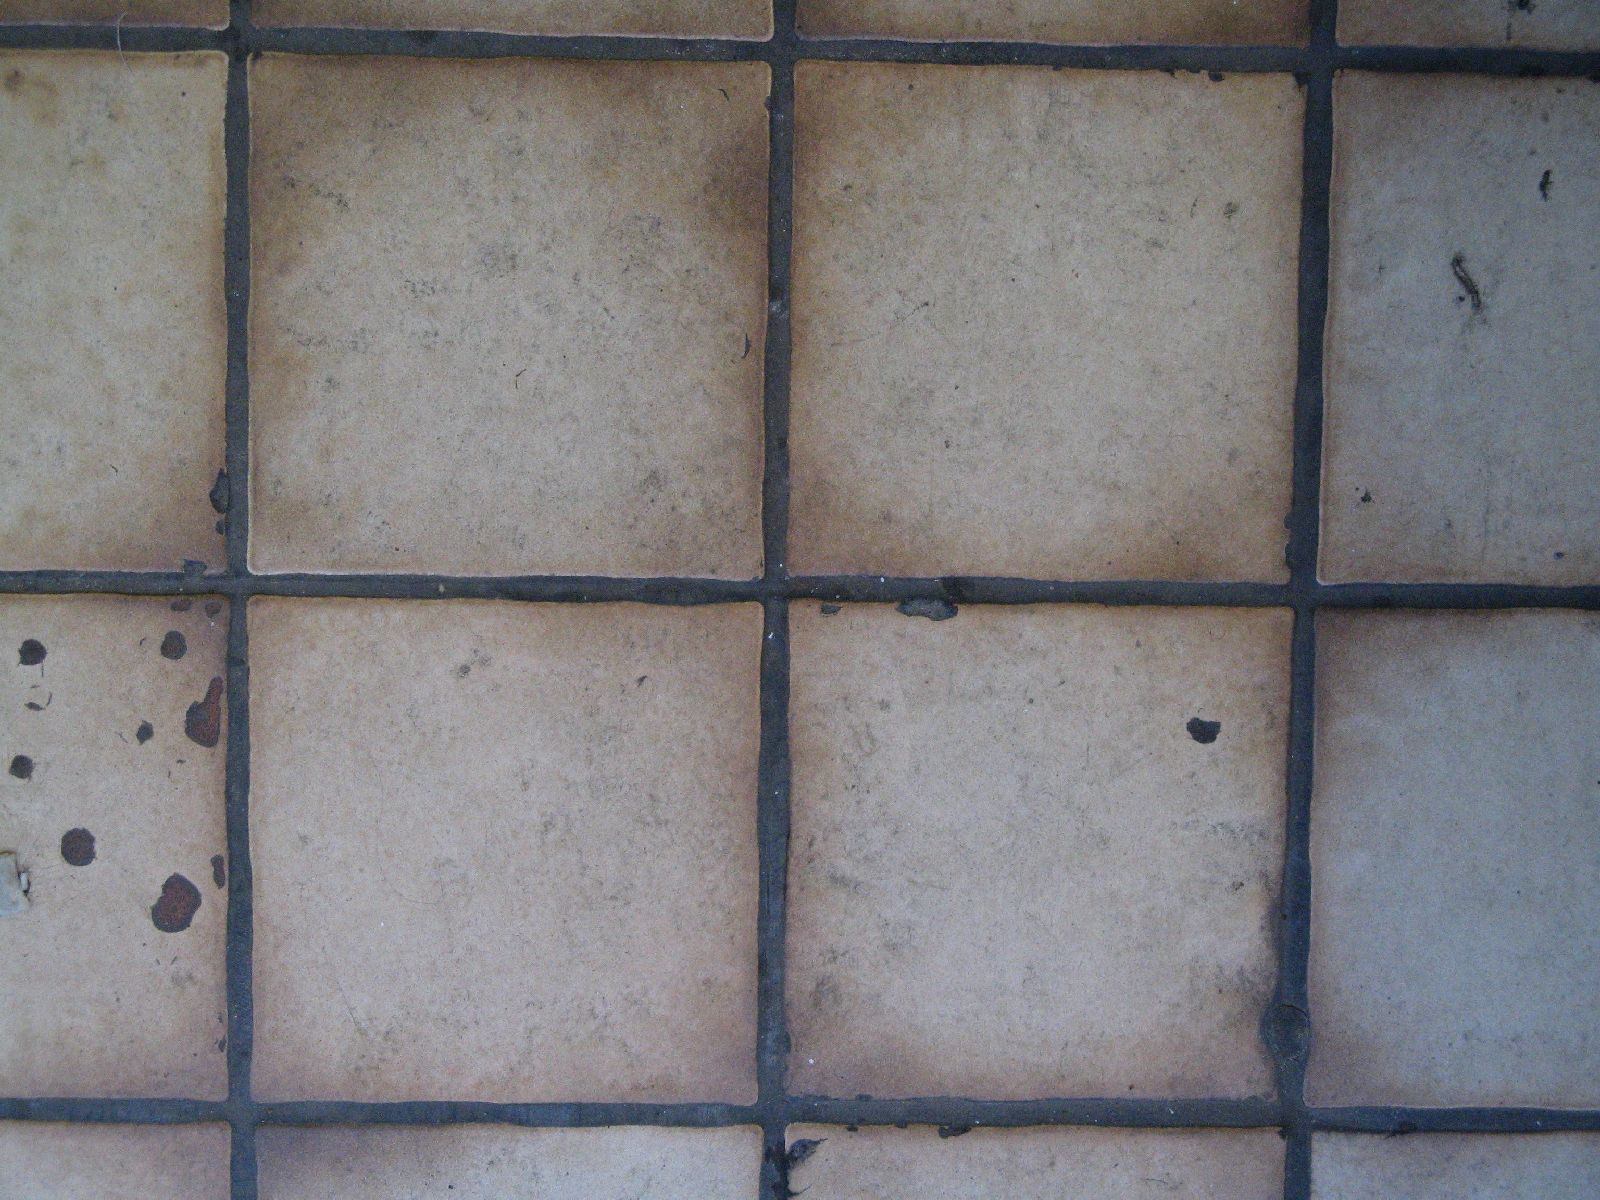 Ground-Urban_Texture_B_4044